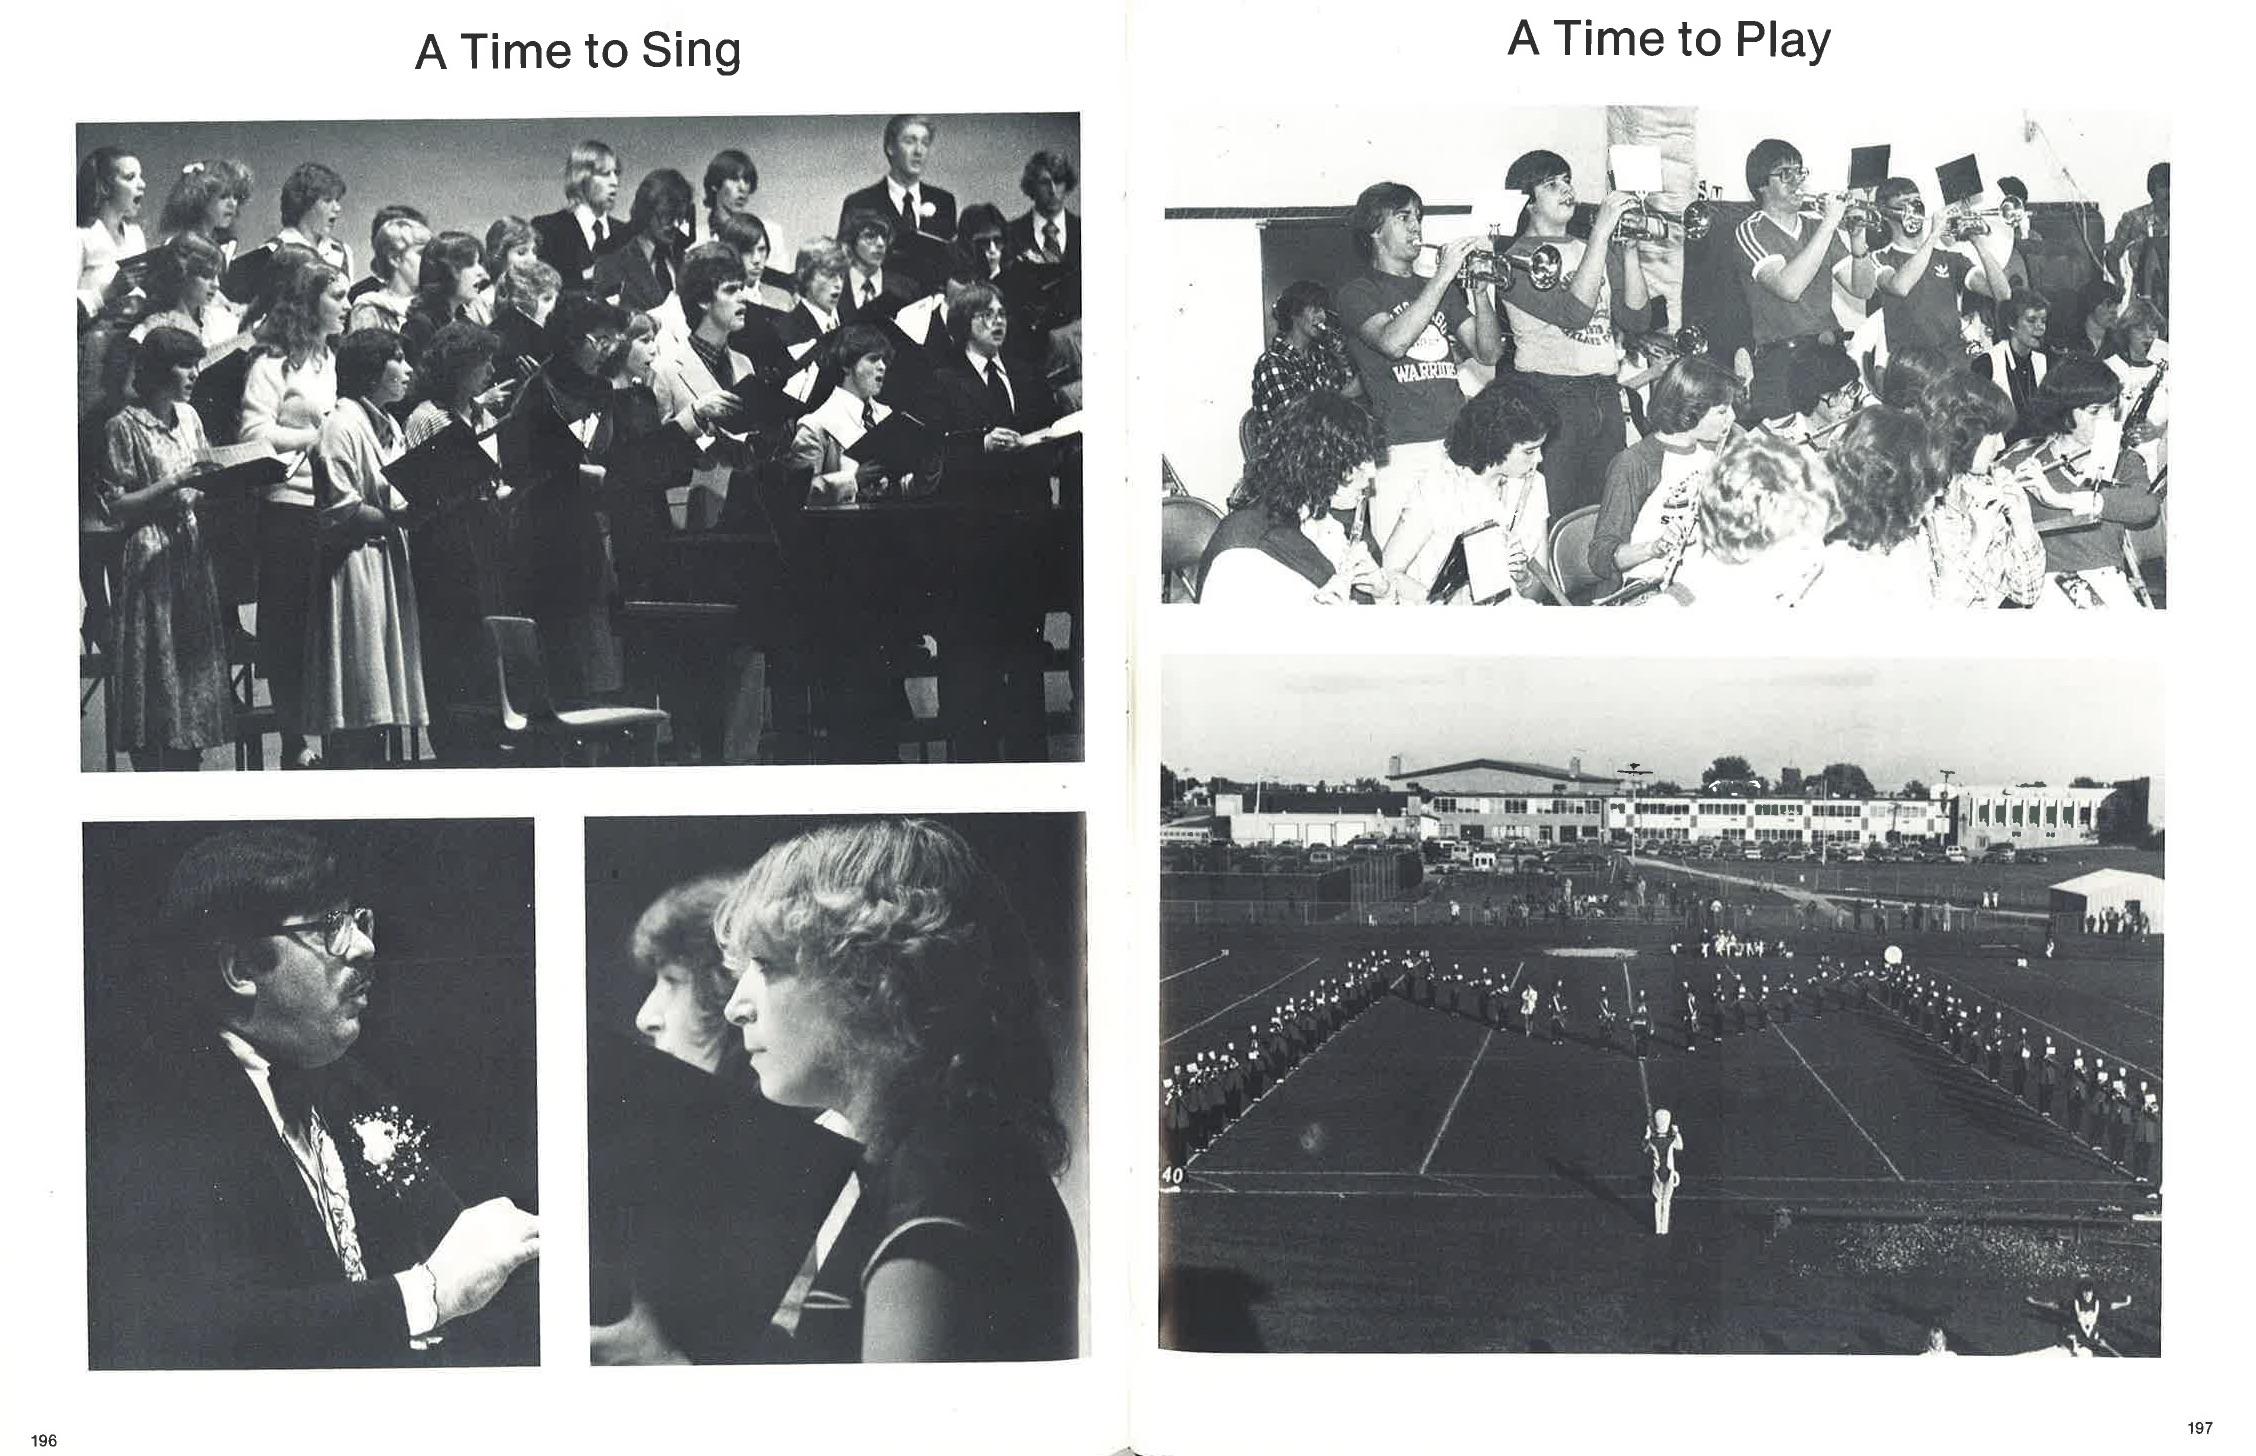 1981_Yearbook_196.jpg